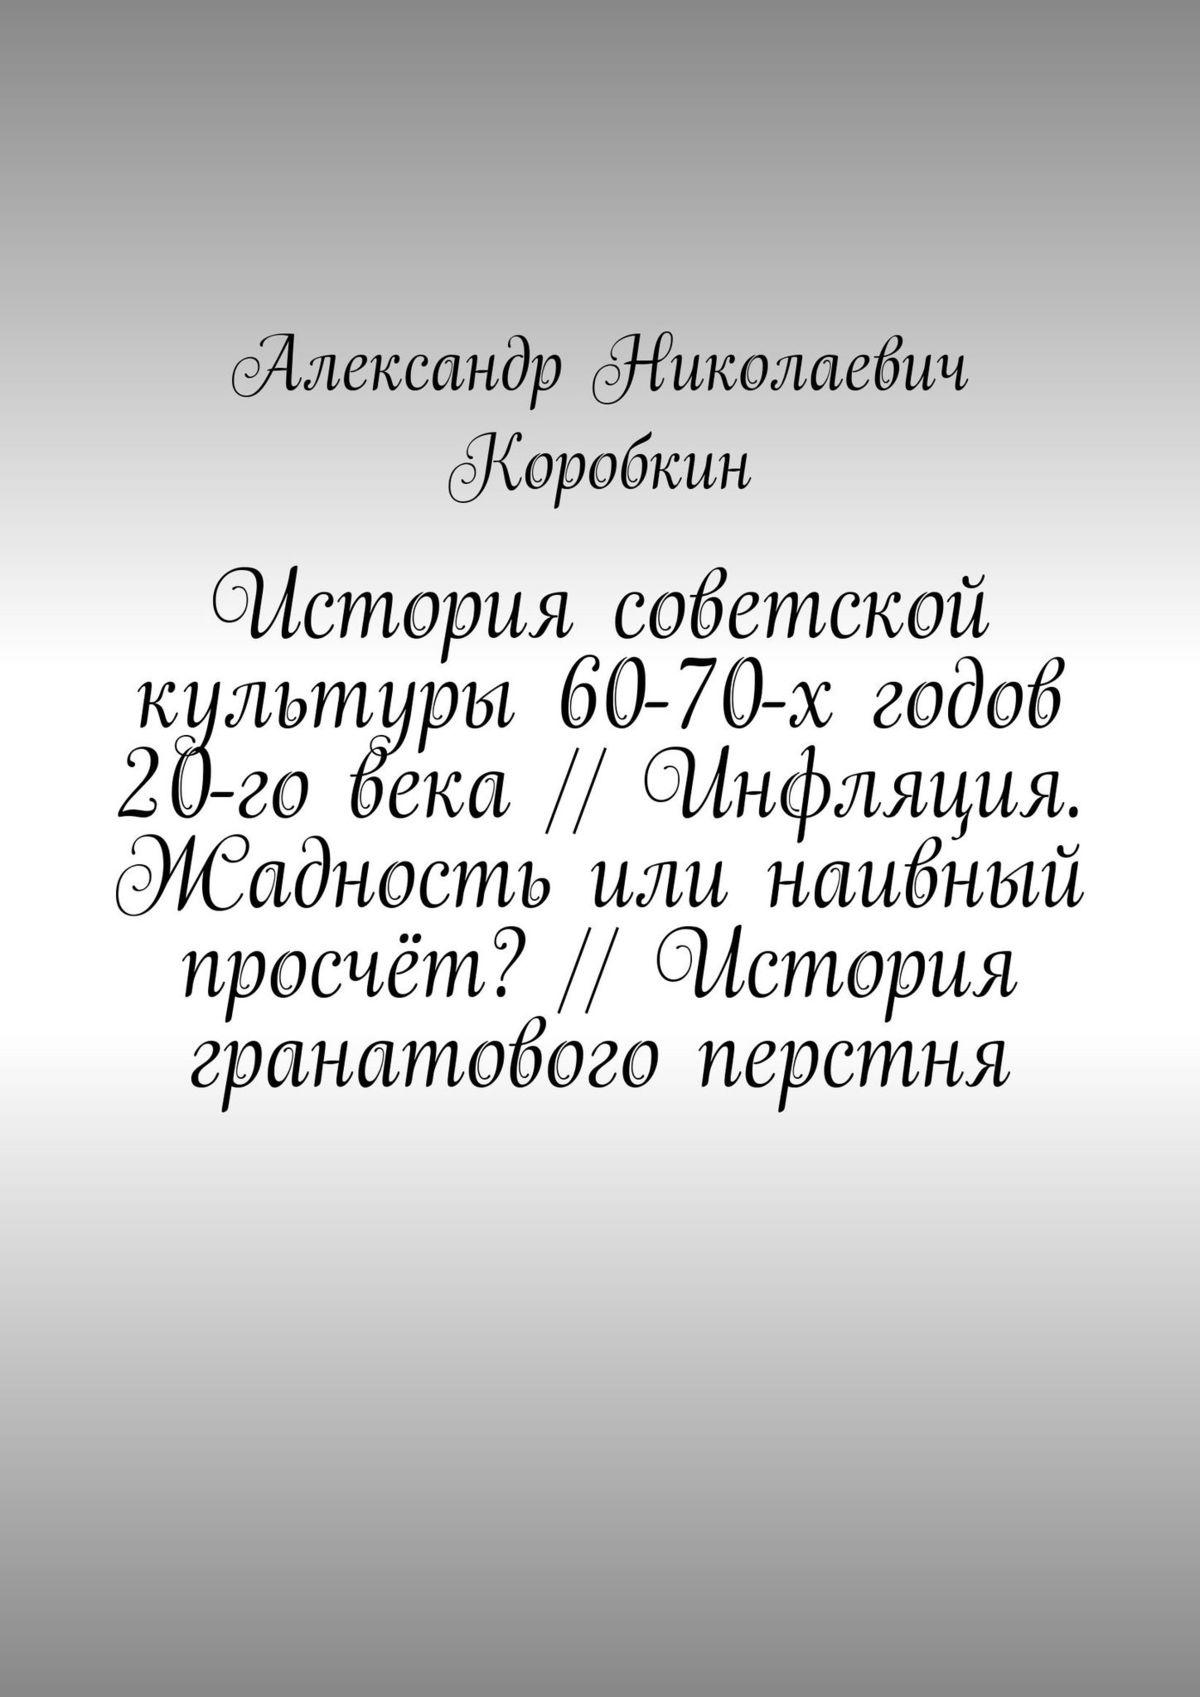 История советской культуры 60-70-х годов 20-говека \/\/ Инфляция. Жадность или наивный просчёт? \/\/ История гранатового перстня